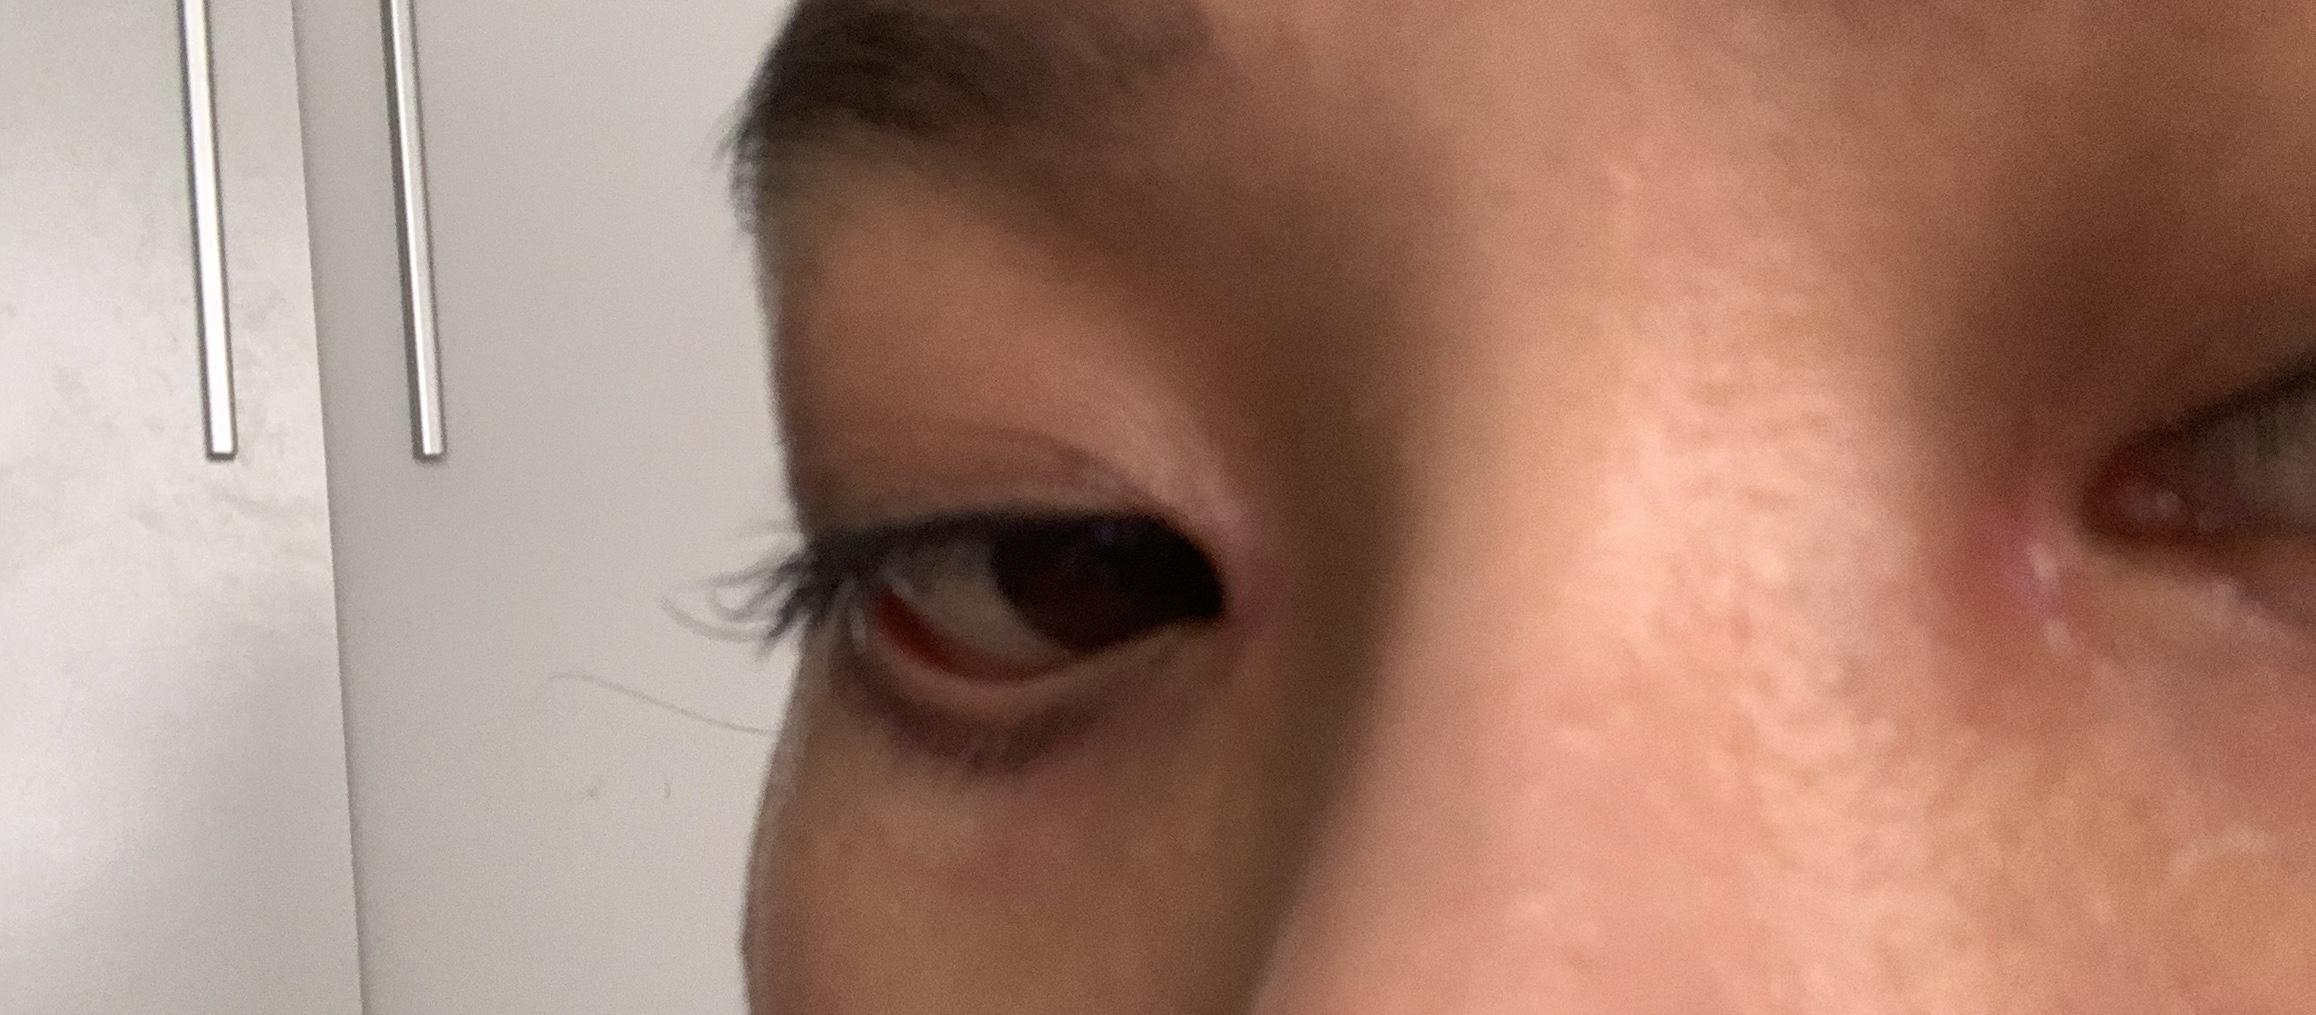 Chào bác sĩ tôi cắt mí dưới đã được 12 ngày, Nhưng hiện tại mí mắt dưới của tôi kéo xuống, Mắt tôi dễ bị khô khi ra gió và phía mắt cái có cảm giác bị kéo nặng nề, Xin hỏi bác sĩ có cách nào cải thiện được không? Tôi có cần làm phẫu thuật lại không và nếu